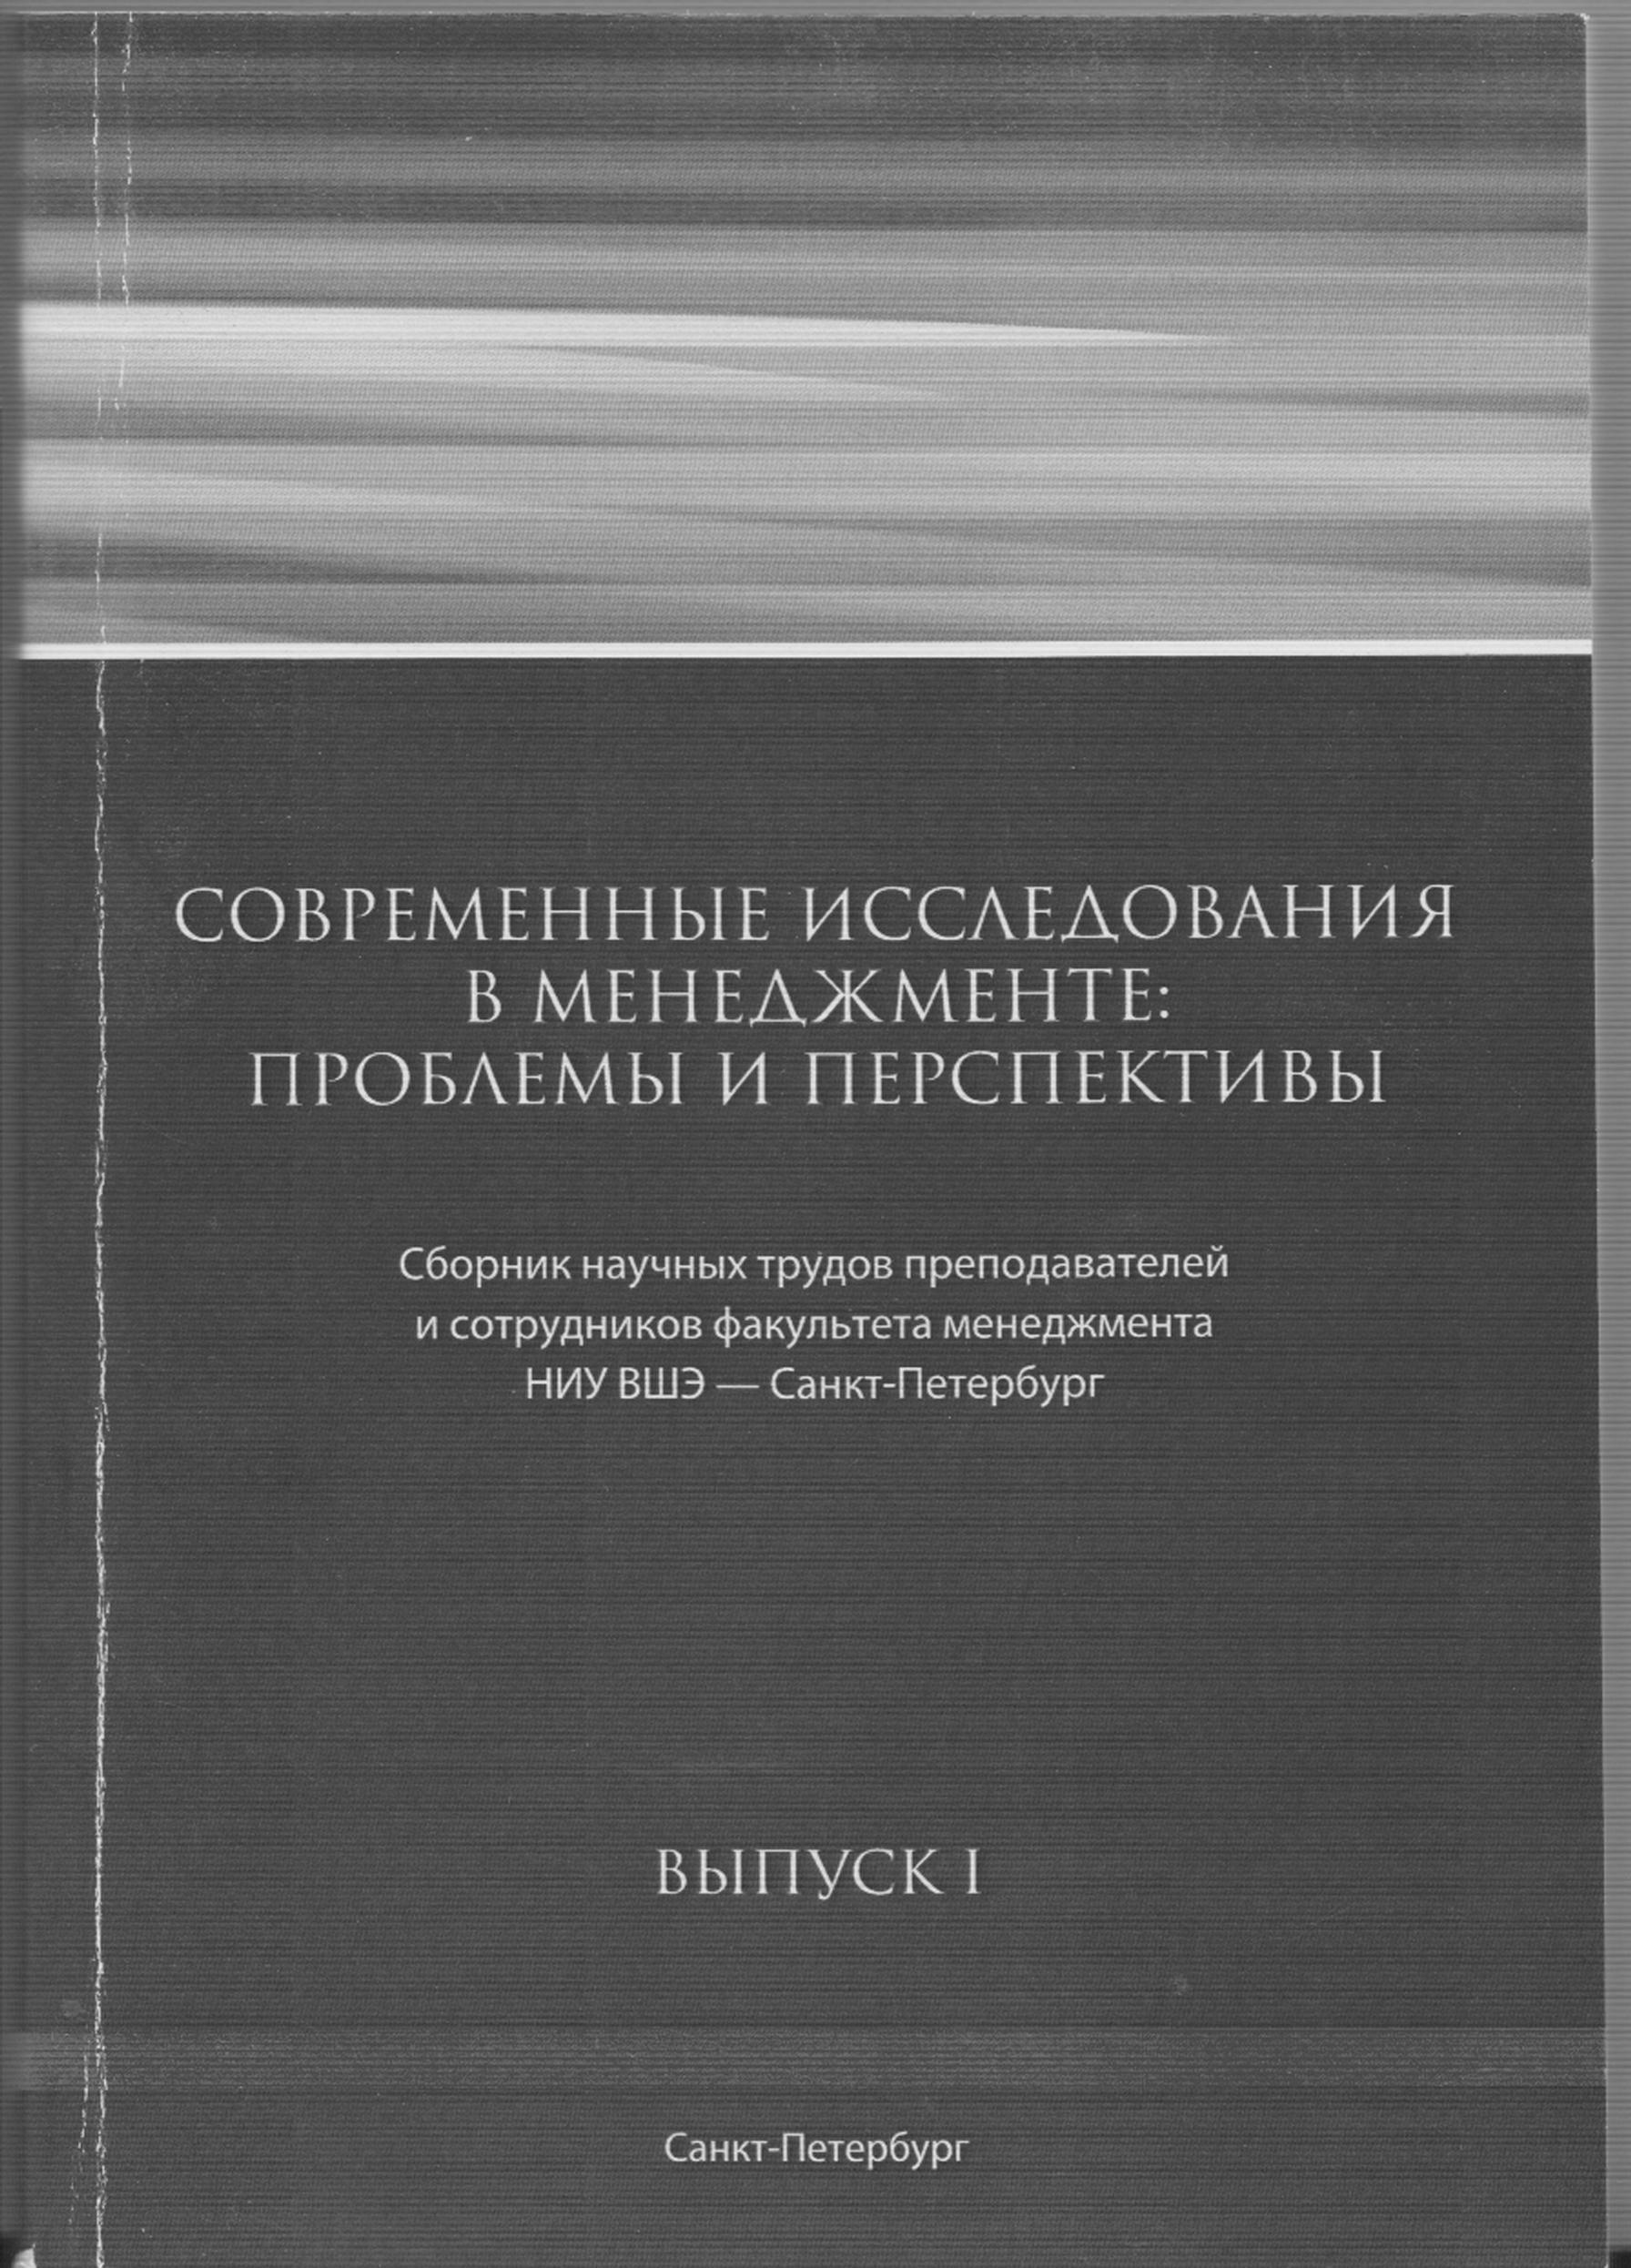 Современные исследования в менеджменте: проблемы и перспективы: сборник научных трудов